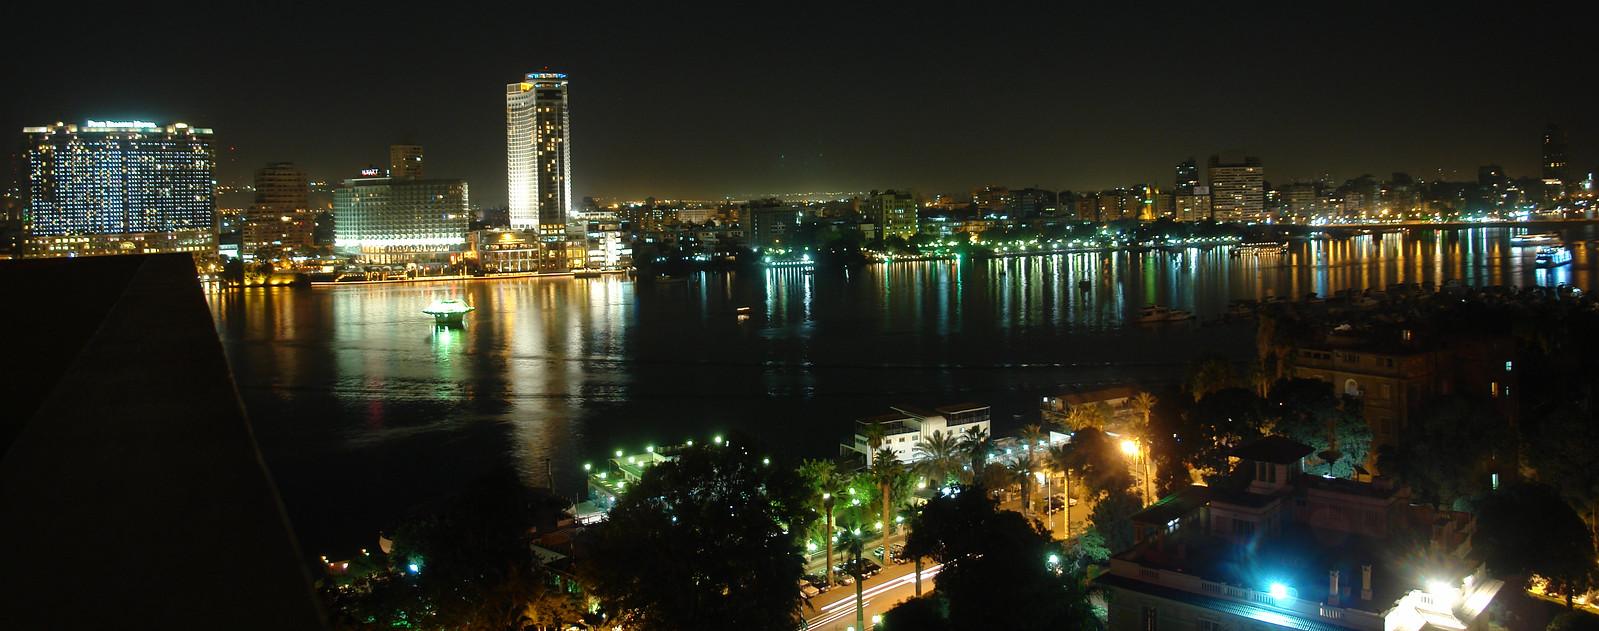 Qué ver en El Cairo, Egipto lugares que visitar en el cairo - 40100558815 1d1c7ce819 h - 10+1 lugares que visitar en El Cairo